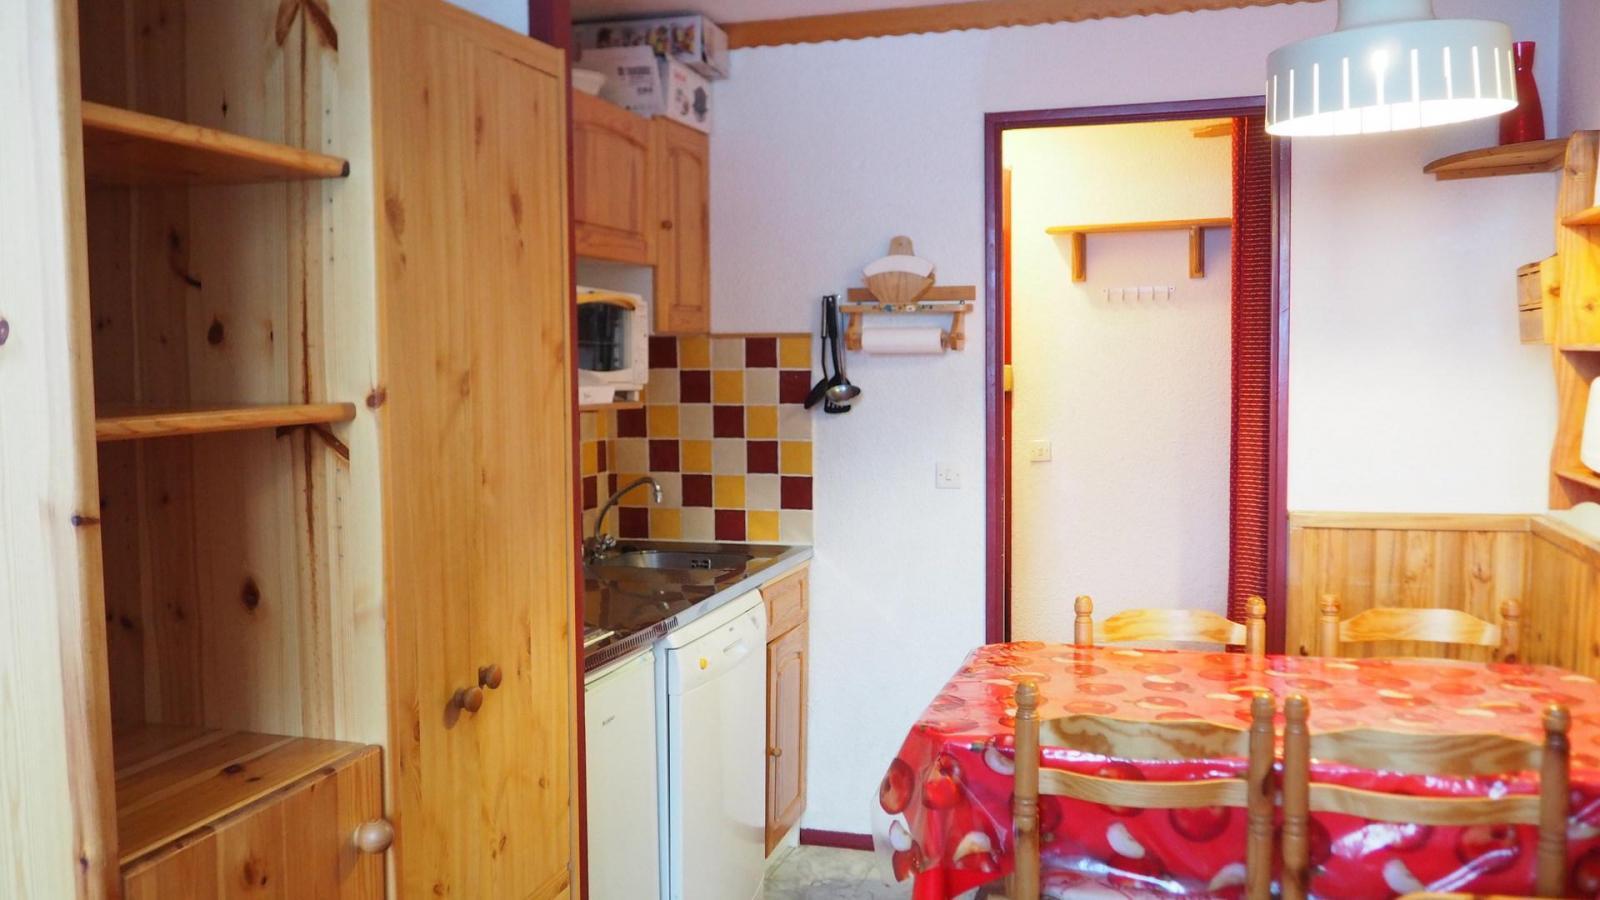 Location au ski Appartement 2 pièces 4 personnes (521) - Residence Le Median - Les Menuires - Kitchenette